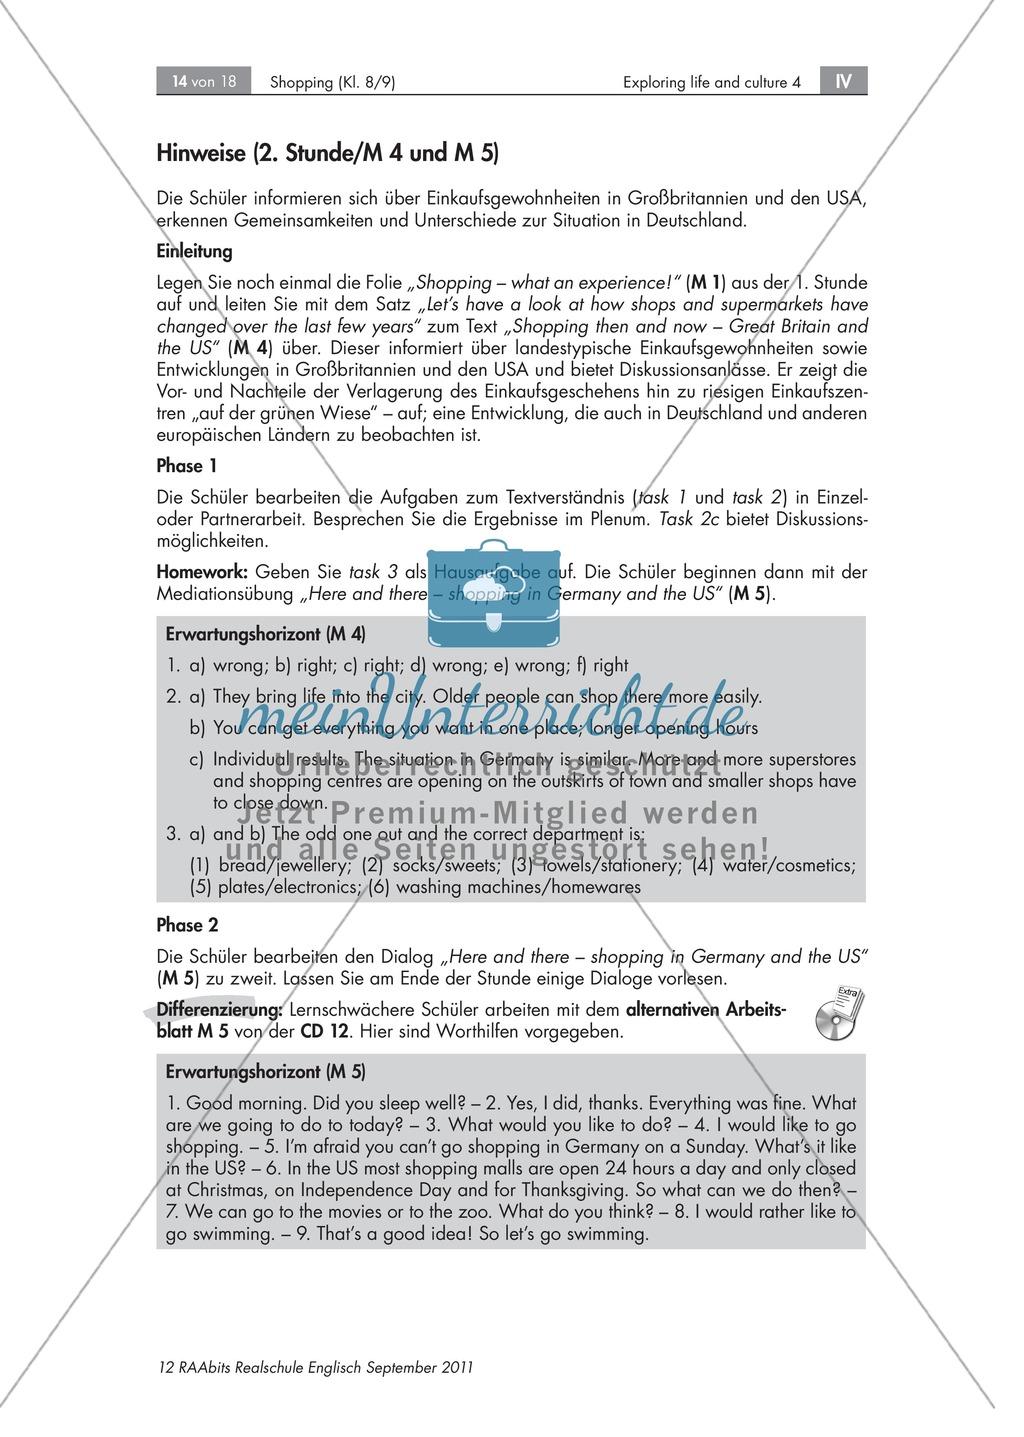 Einkaufsgewohnheiten in Großbritannien, Kanada und den USA kennenlernen : Übungen zur Lesekompetenz und Textverständnis + Kopiervorlagen Preview 8